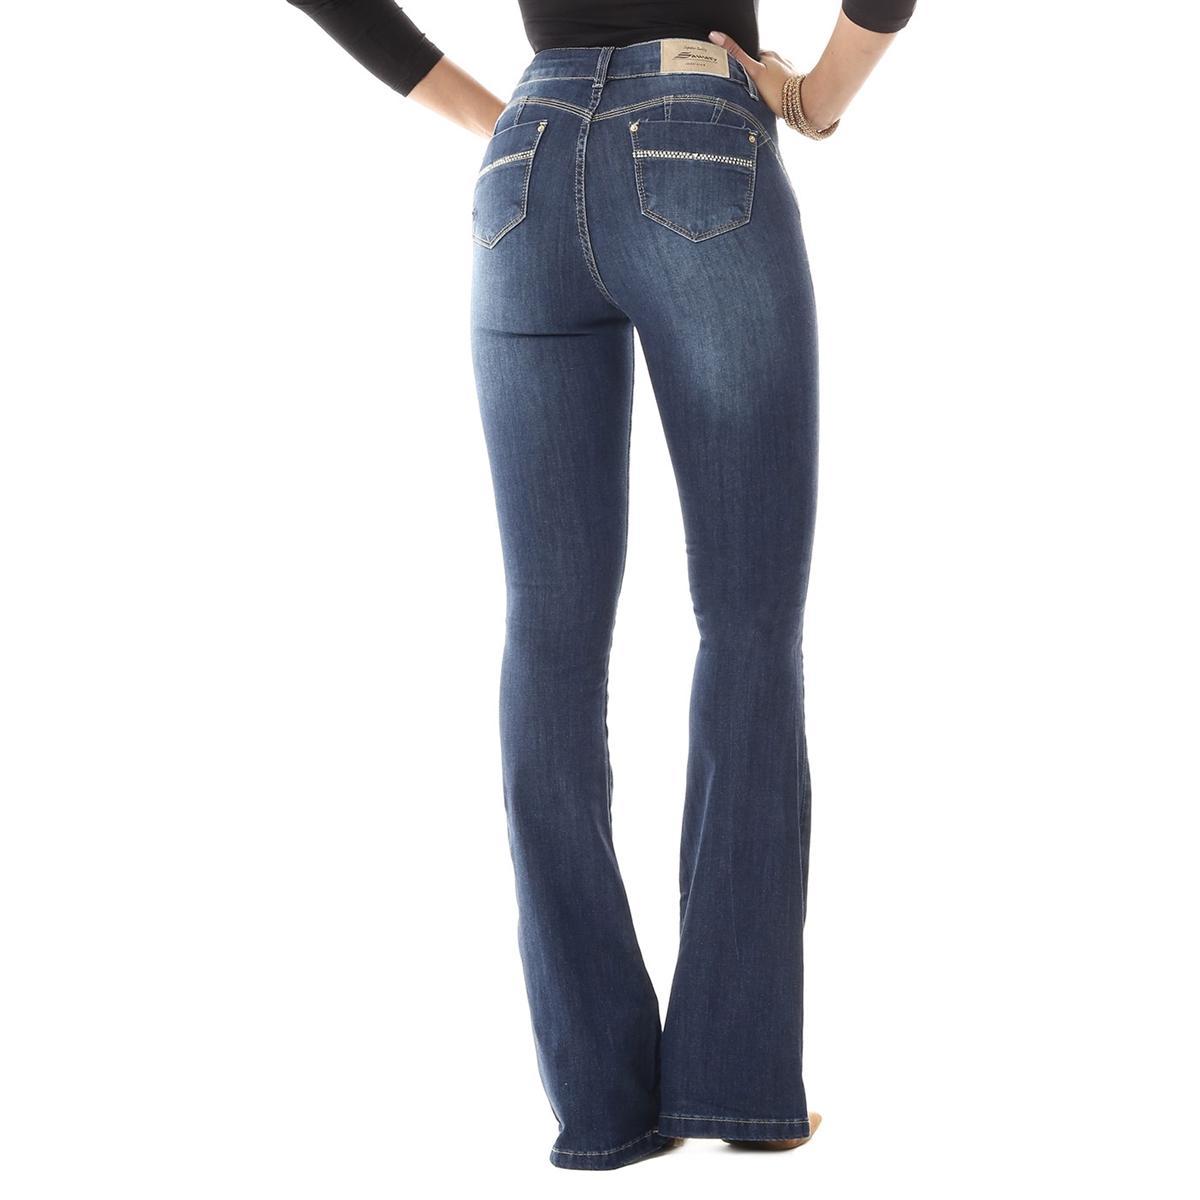 d43d7968f Calça Jeans Feminina Flare Com Bojo e Aplicação - Sawary R$ 69,90 à vista.  Adicionar à sacola